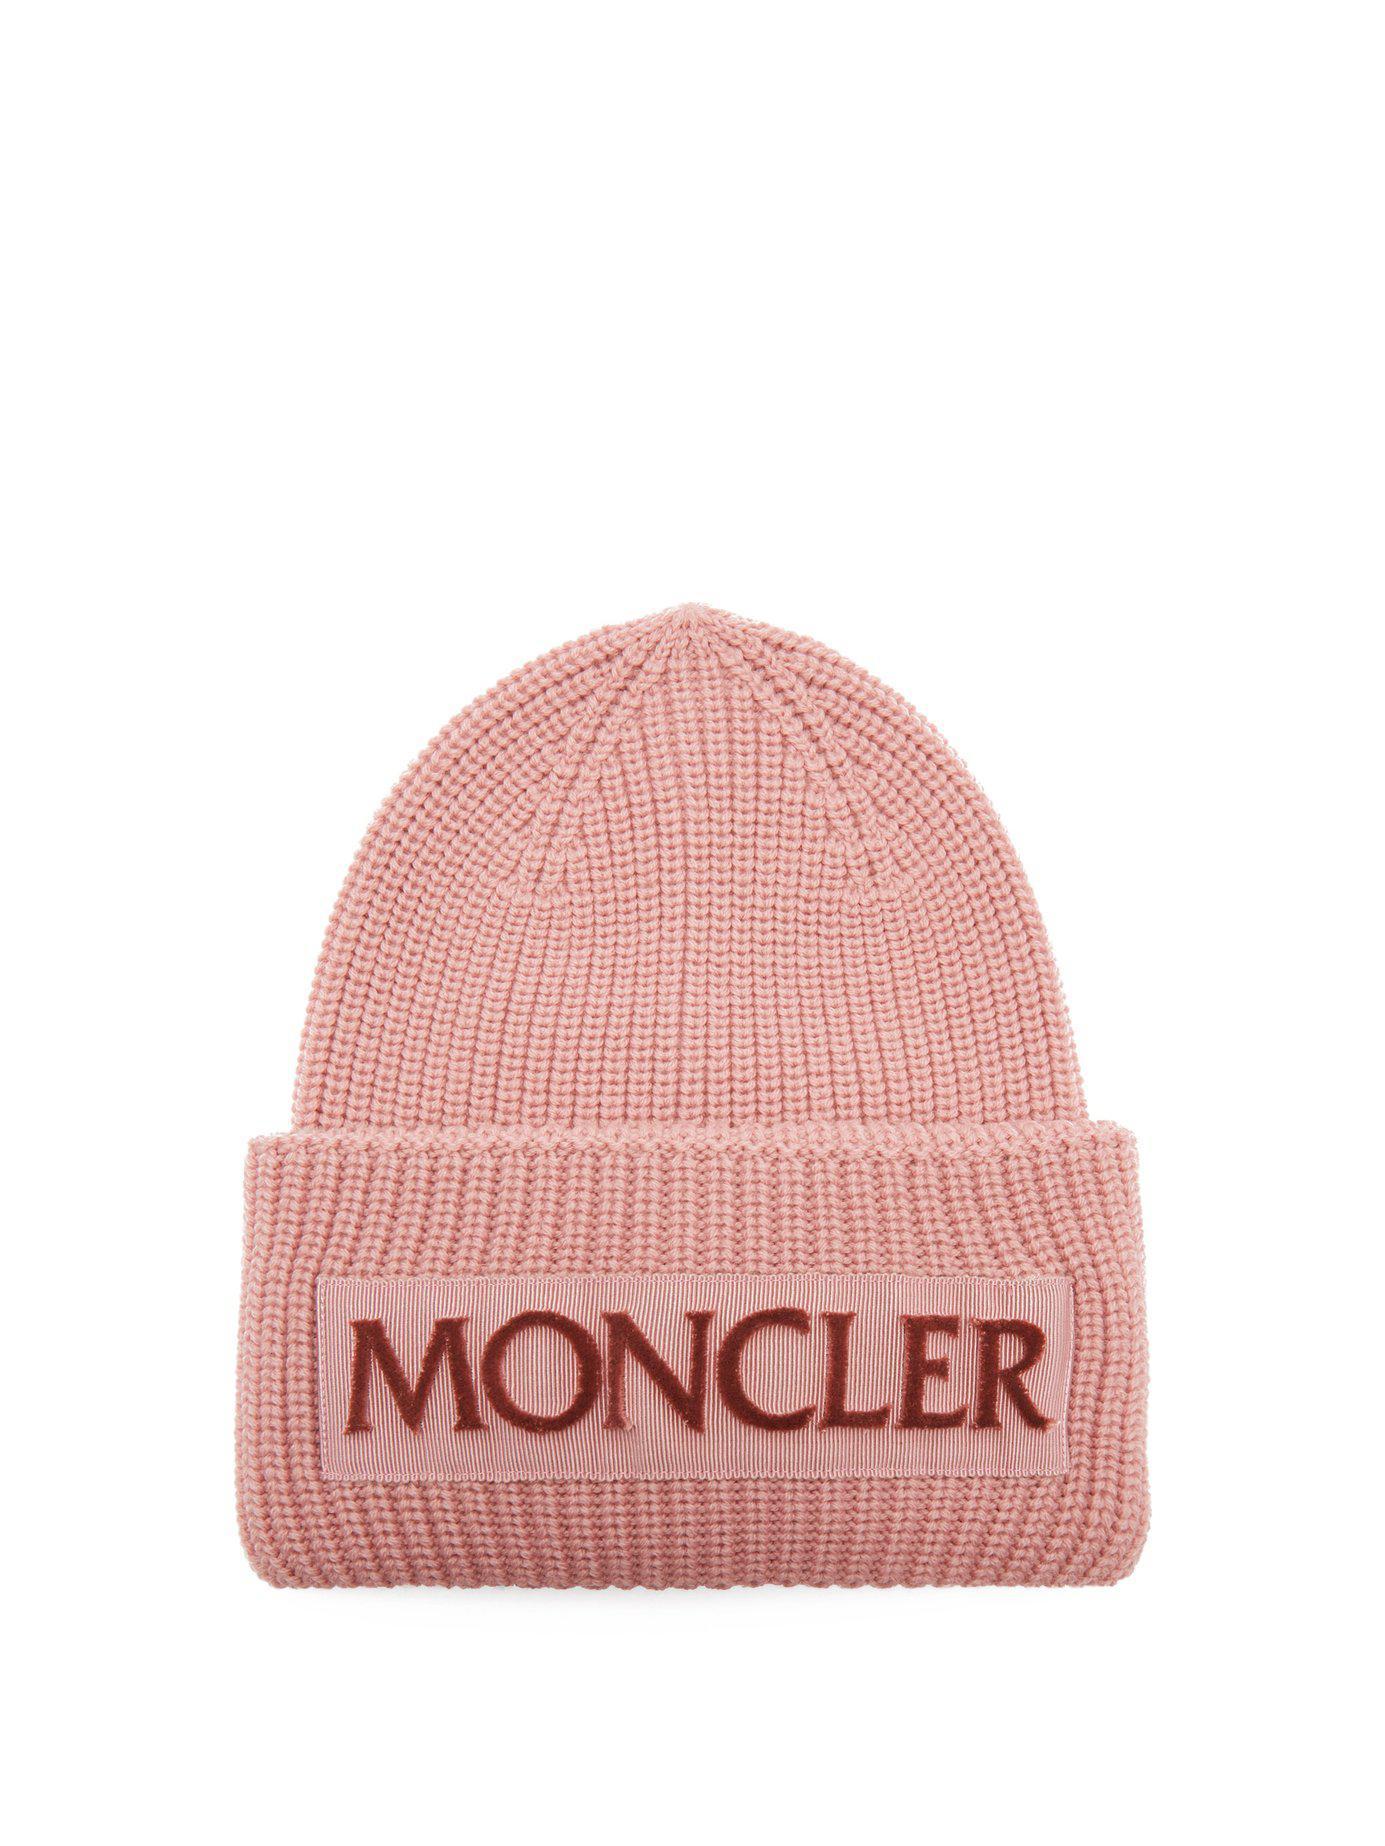 31480cd9db7 Moncler - Pink Velvet Logo Wool Beanie Hat - Lyst. View fullscreen